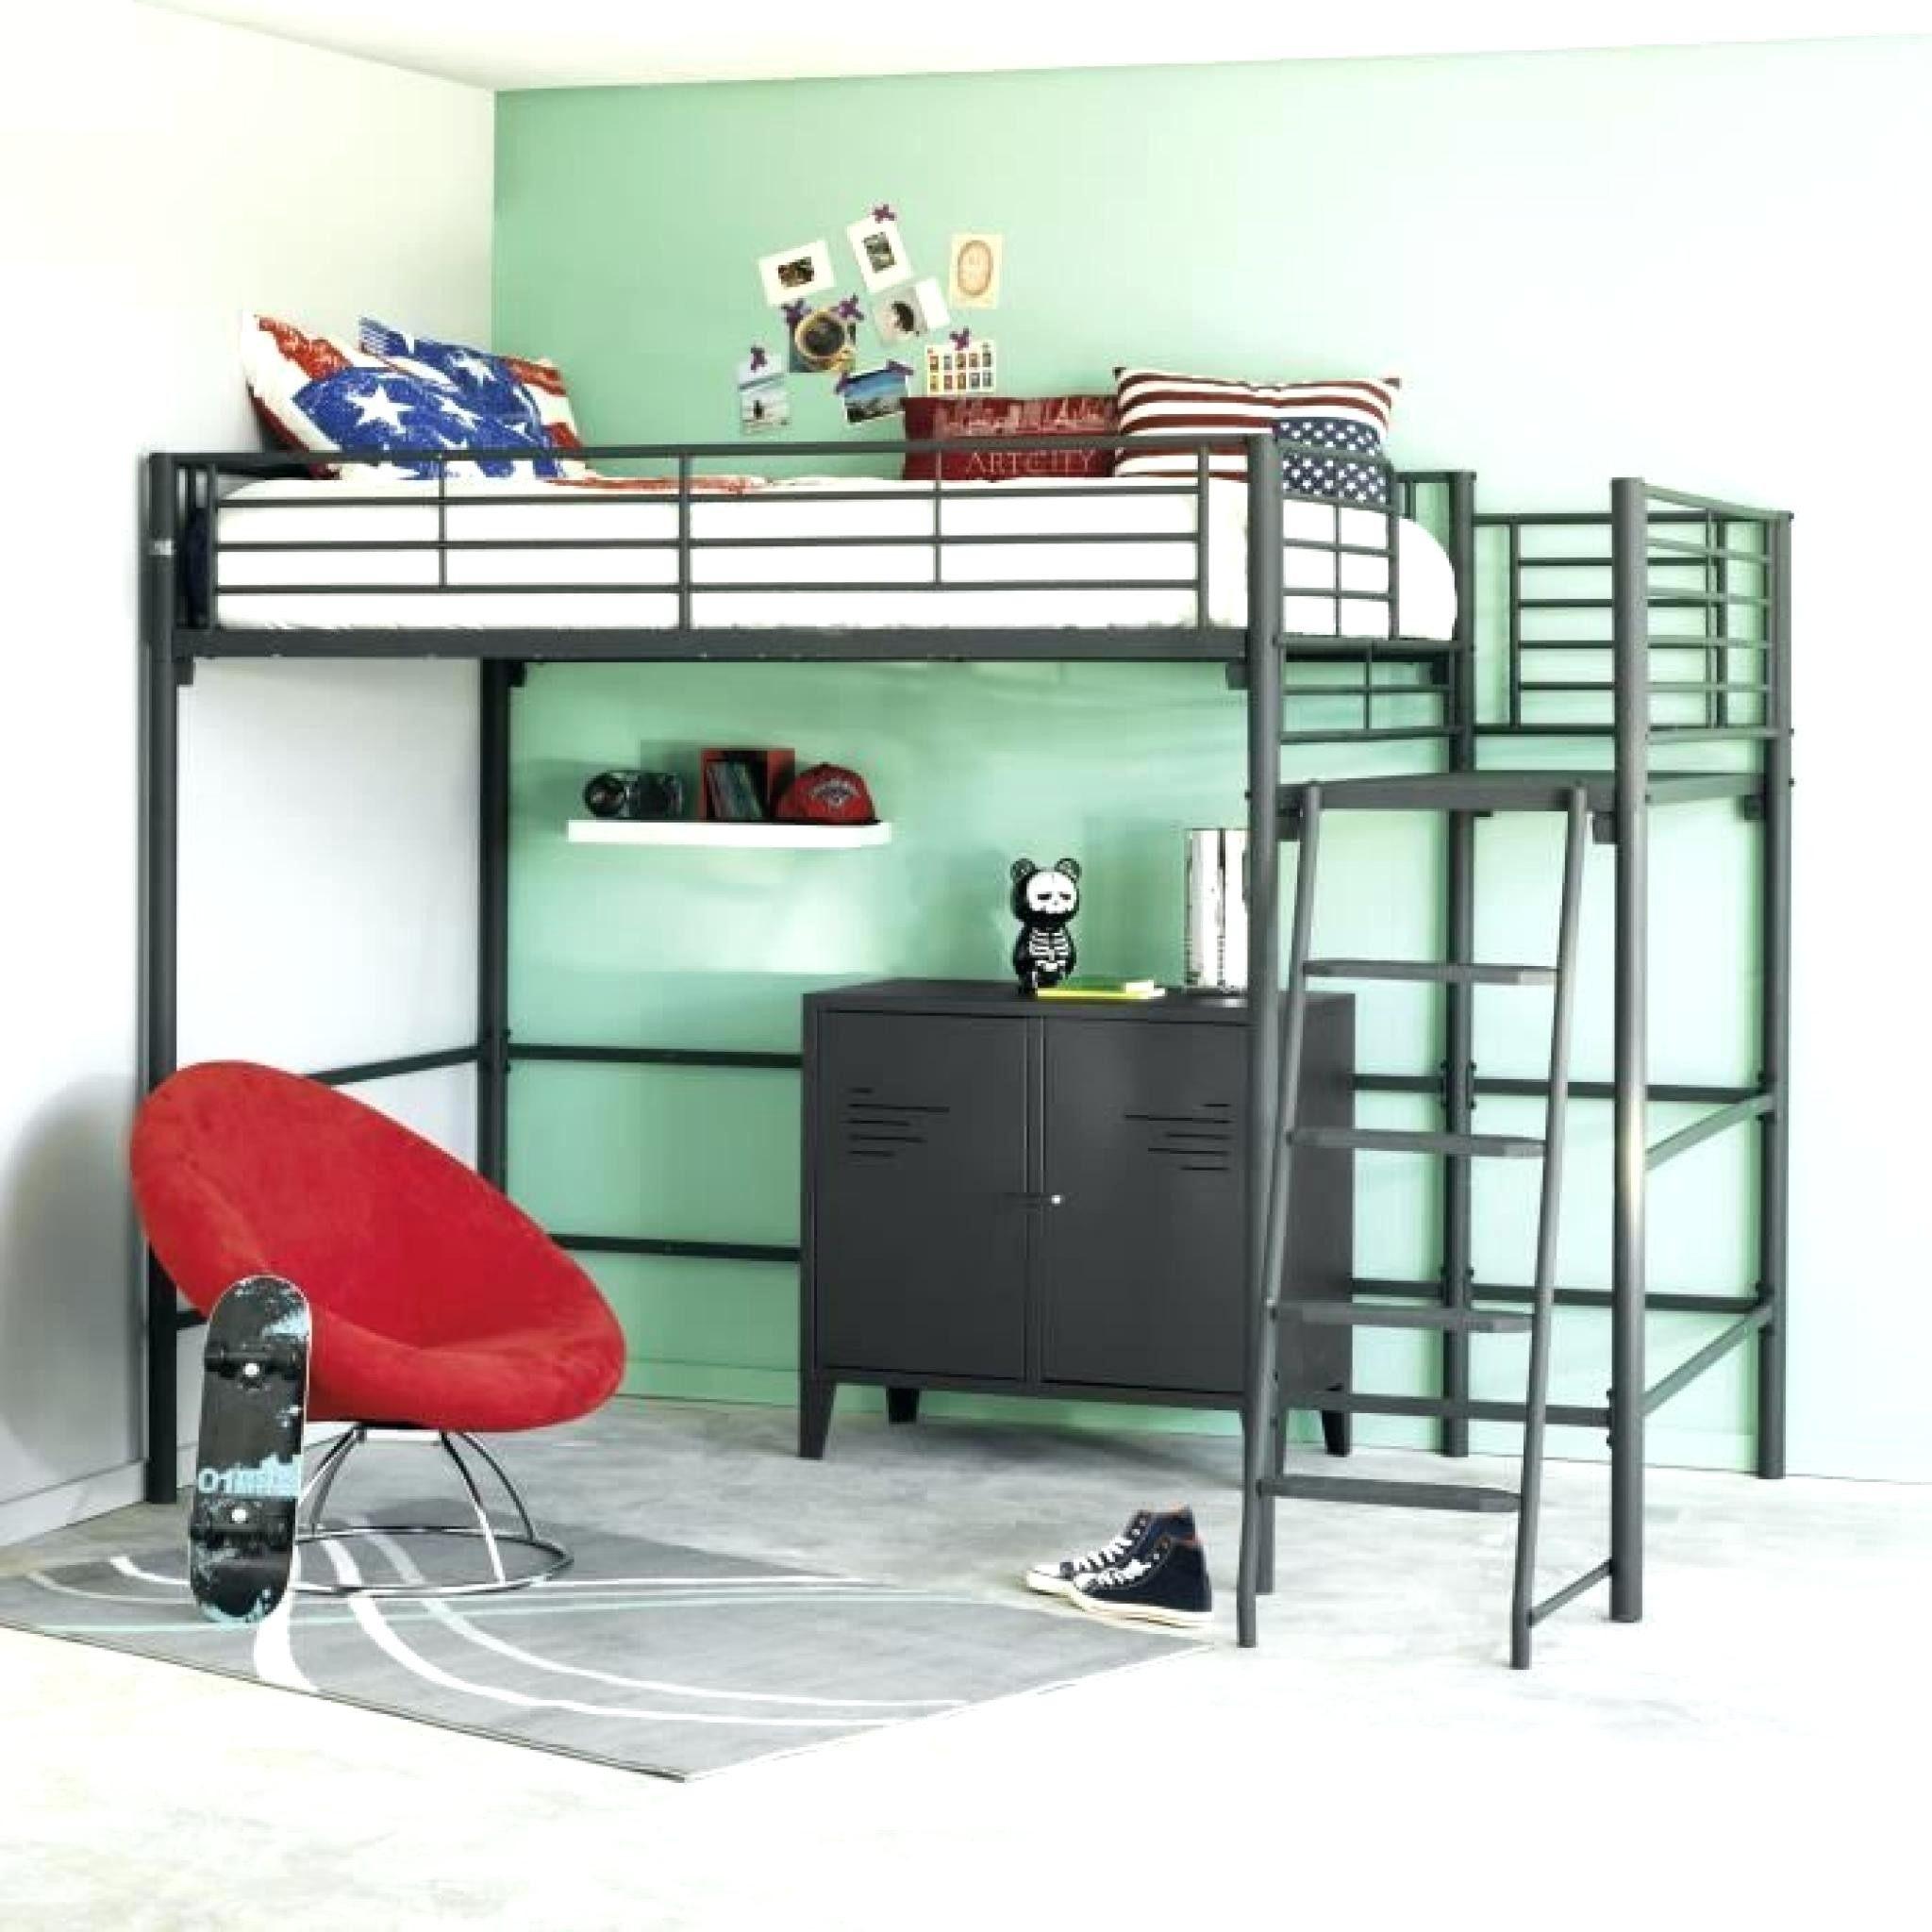 Lit Mezzanine Avec Bureau Et Armoire Nouveau Bureau 90 Cm Unique Lit Mezzanine 1 Place atourdissant but Free the